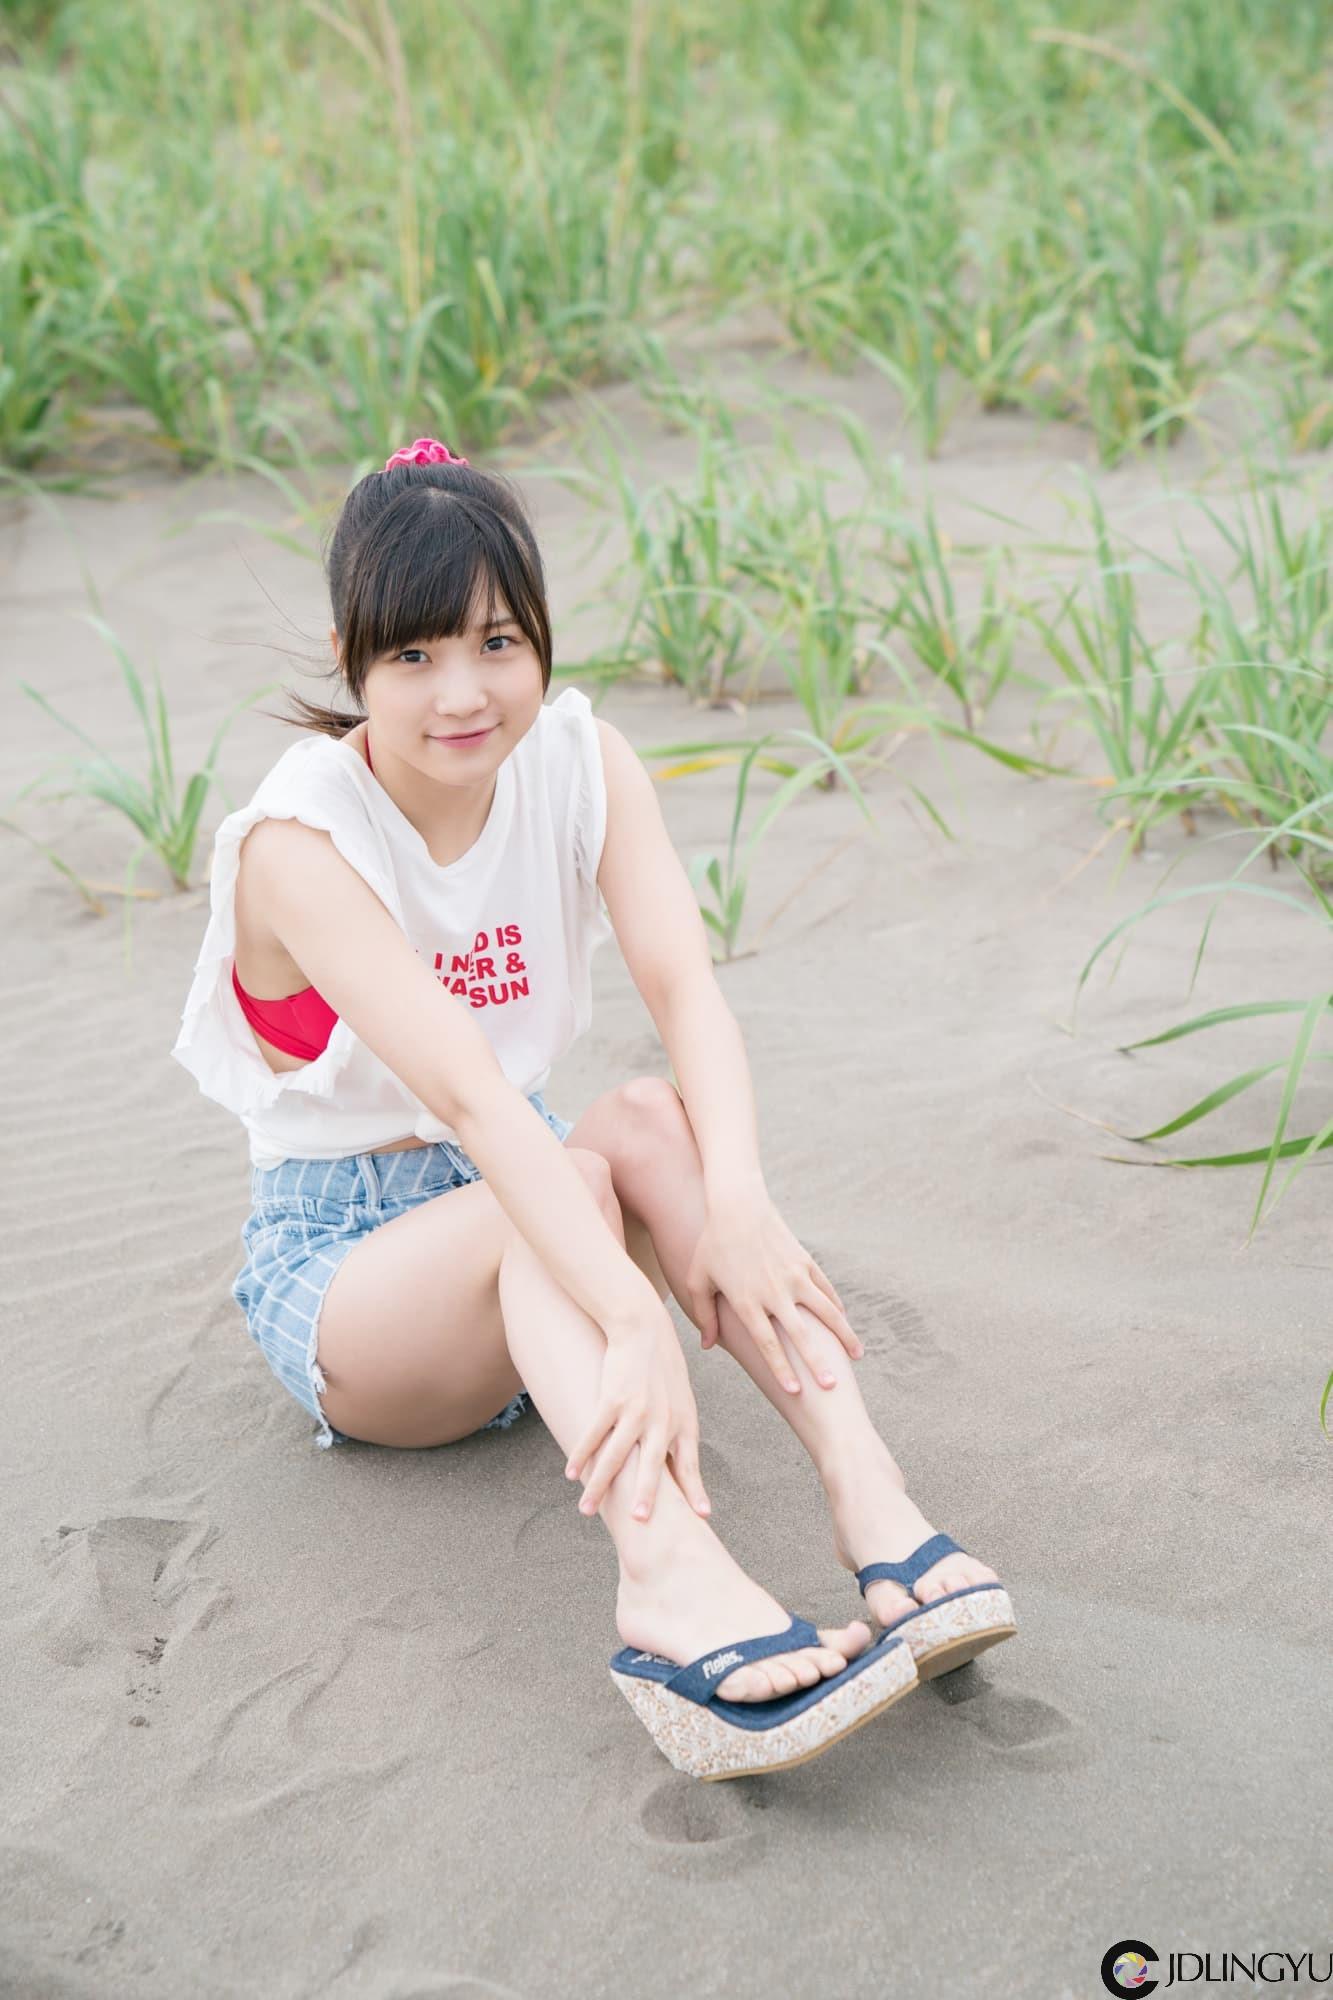 奇迹雪国少女「稲场爱香」纯洁美肌如雪般洁白 极品甜笑让人身心灵都融化